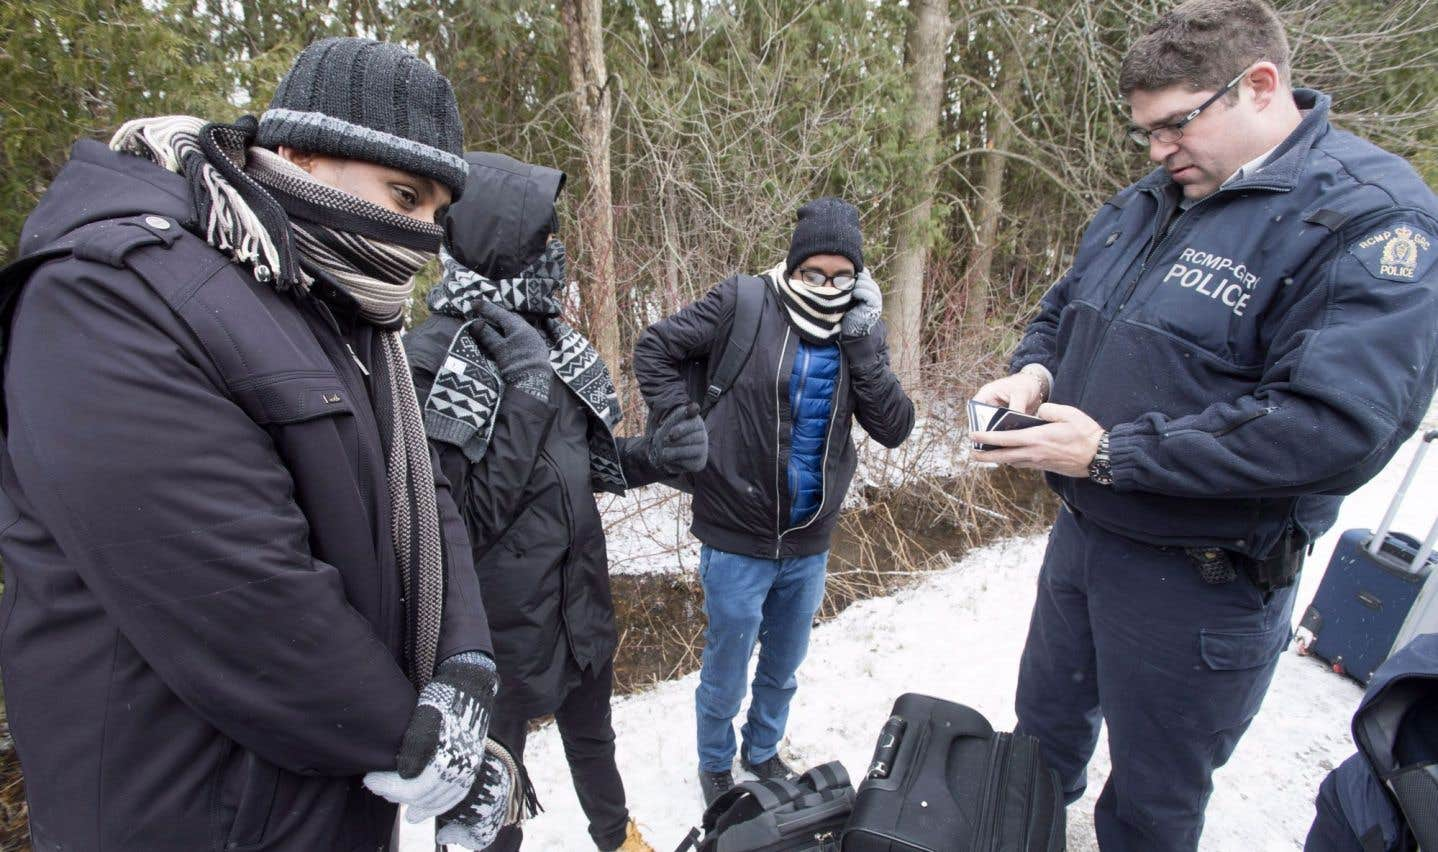 Les entrées illégales augmentent au Canada